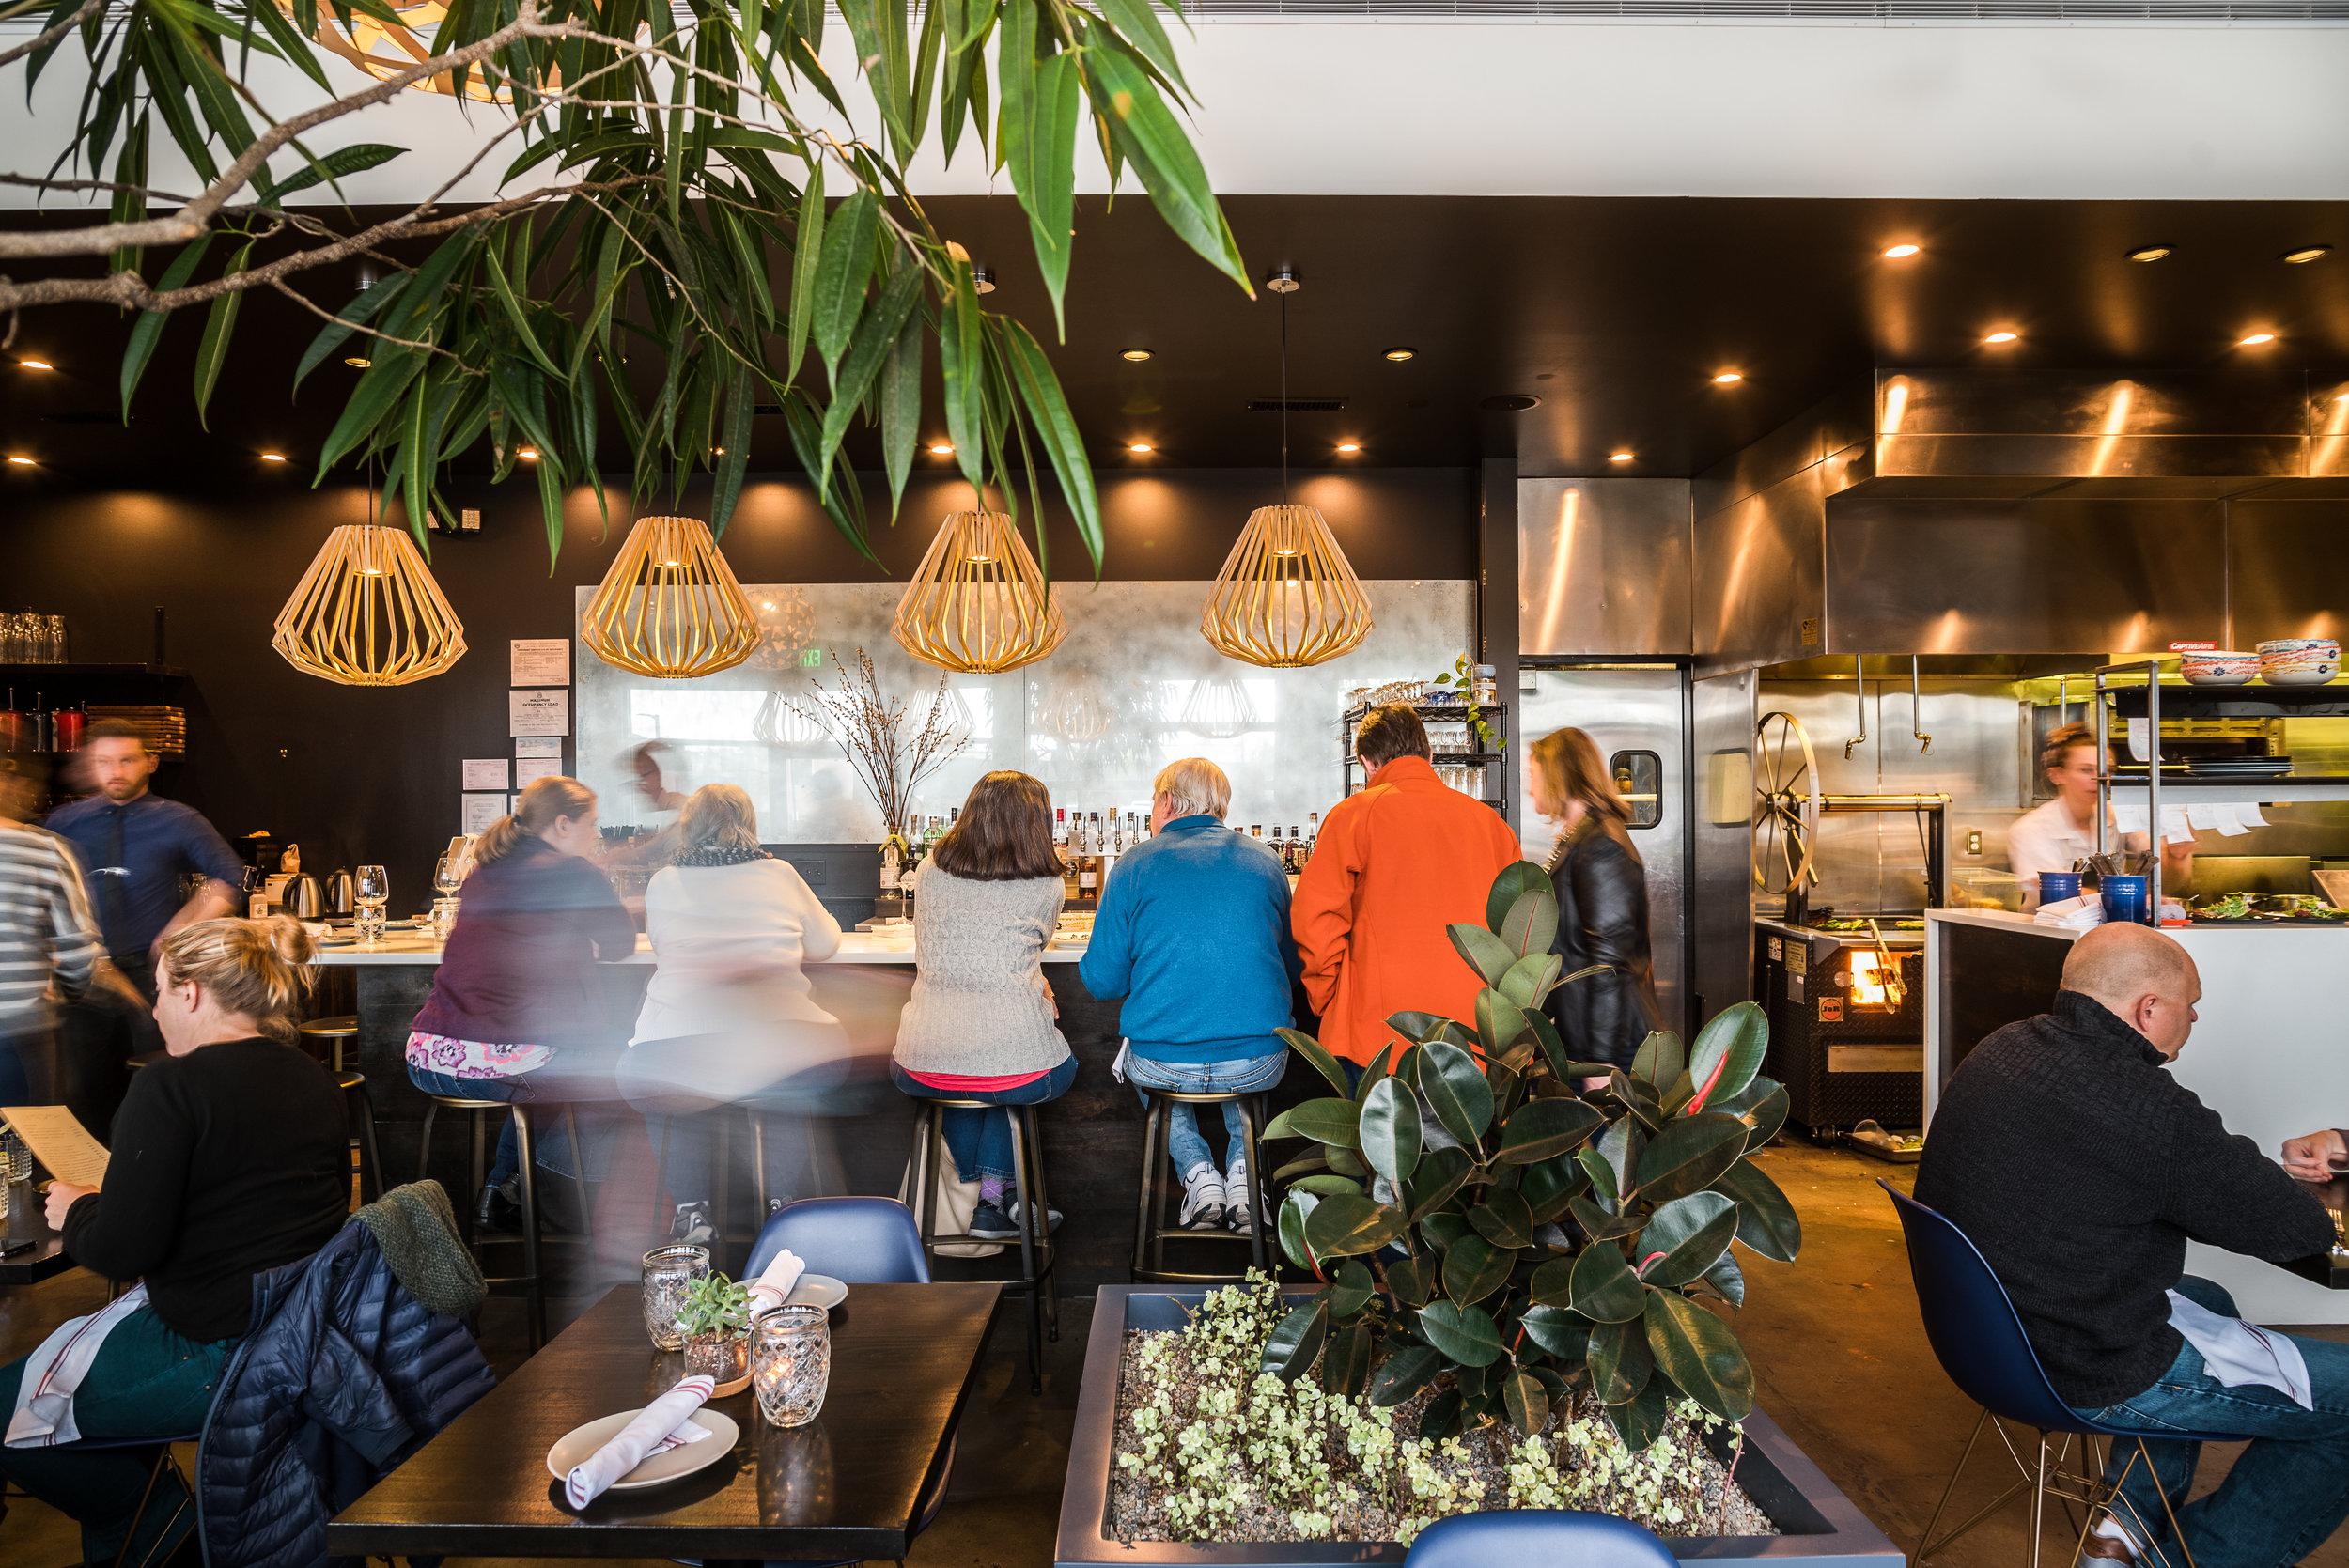 Annette named denver's best new restaurant (editor's choice!) (5280)